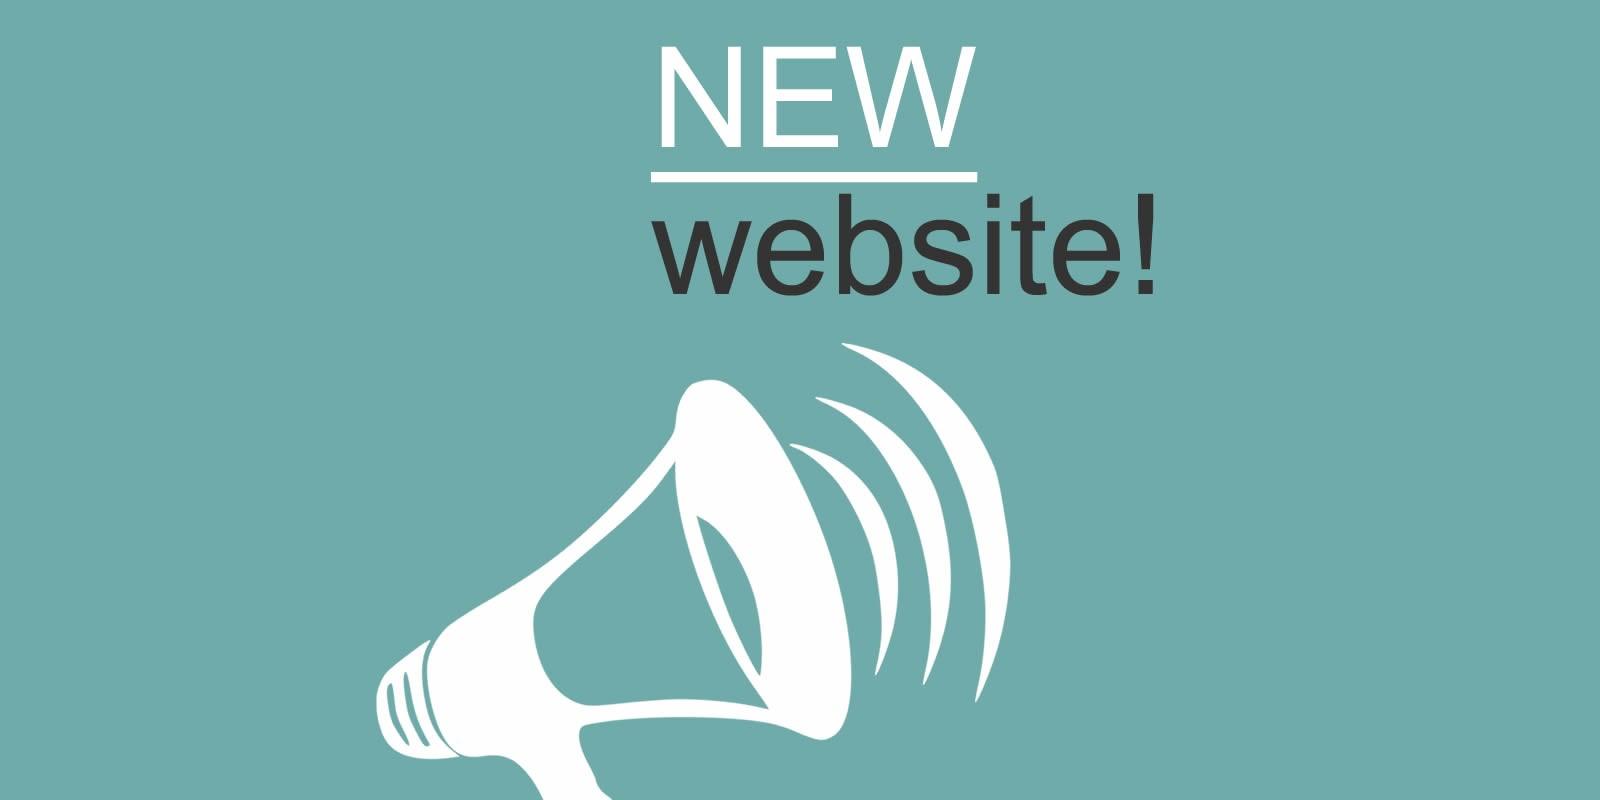 Il nuovo sito web online: rimoderniamoci! - foto 1